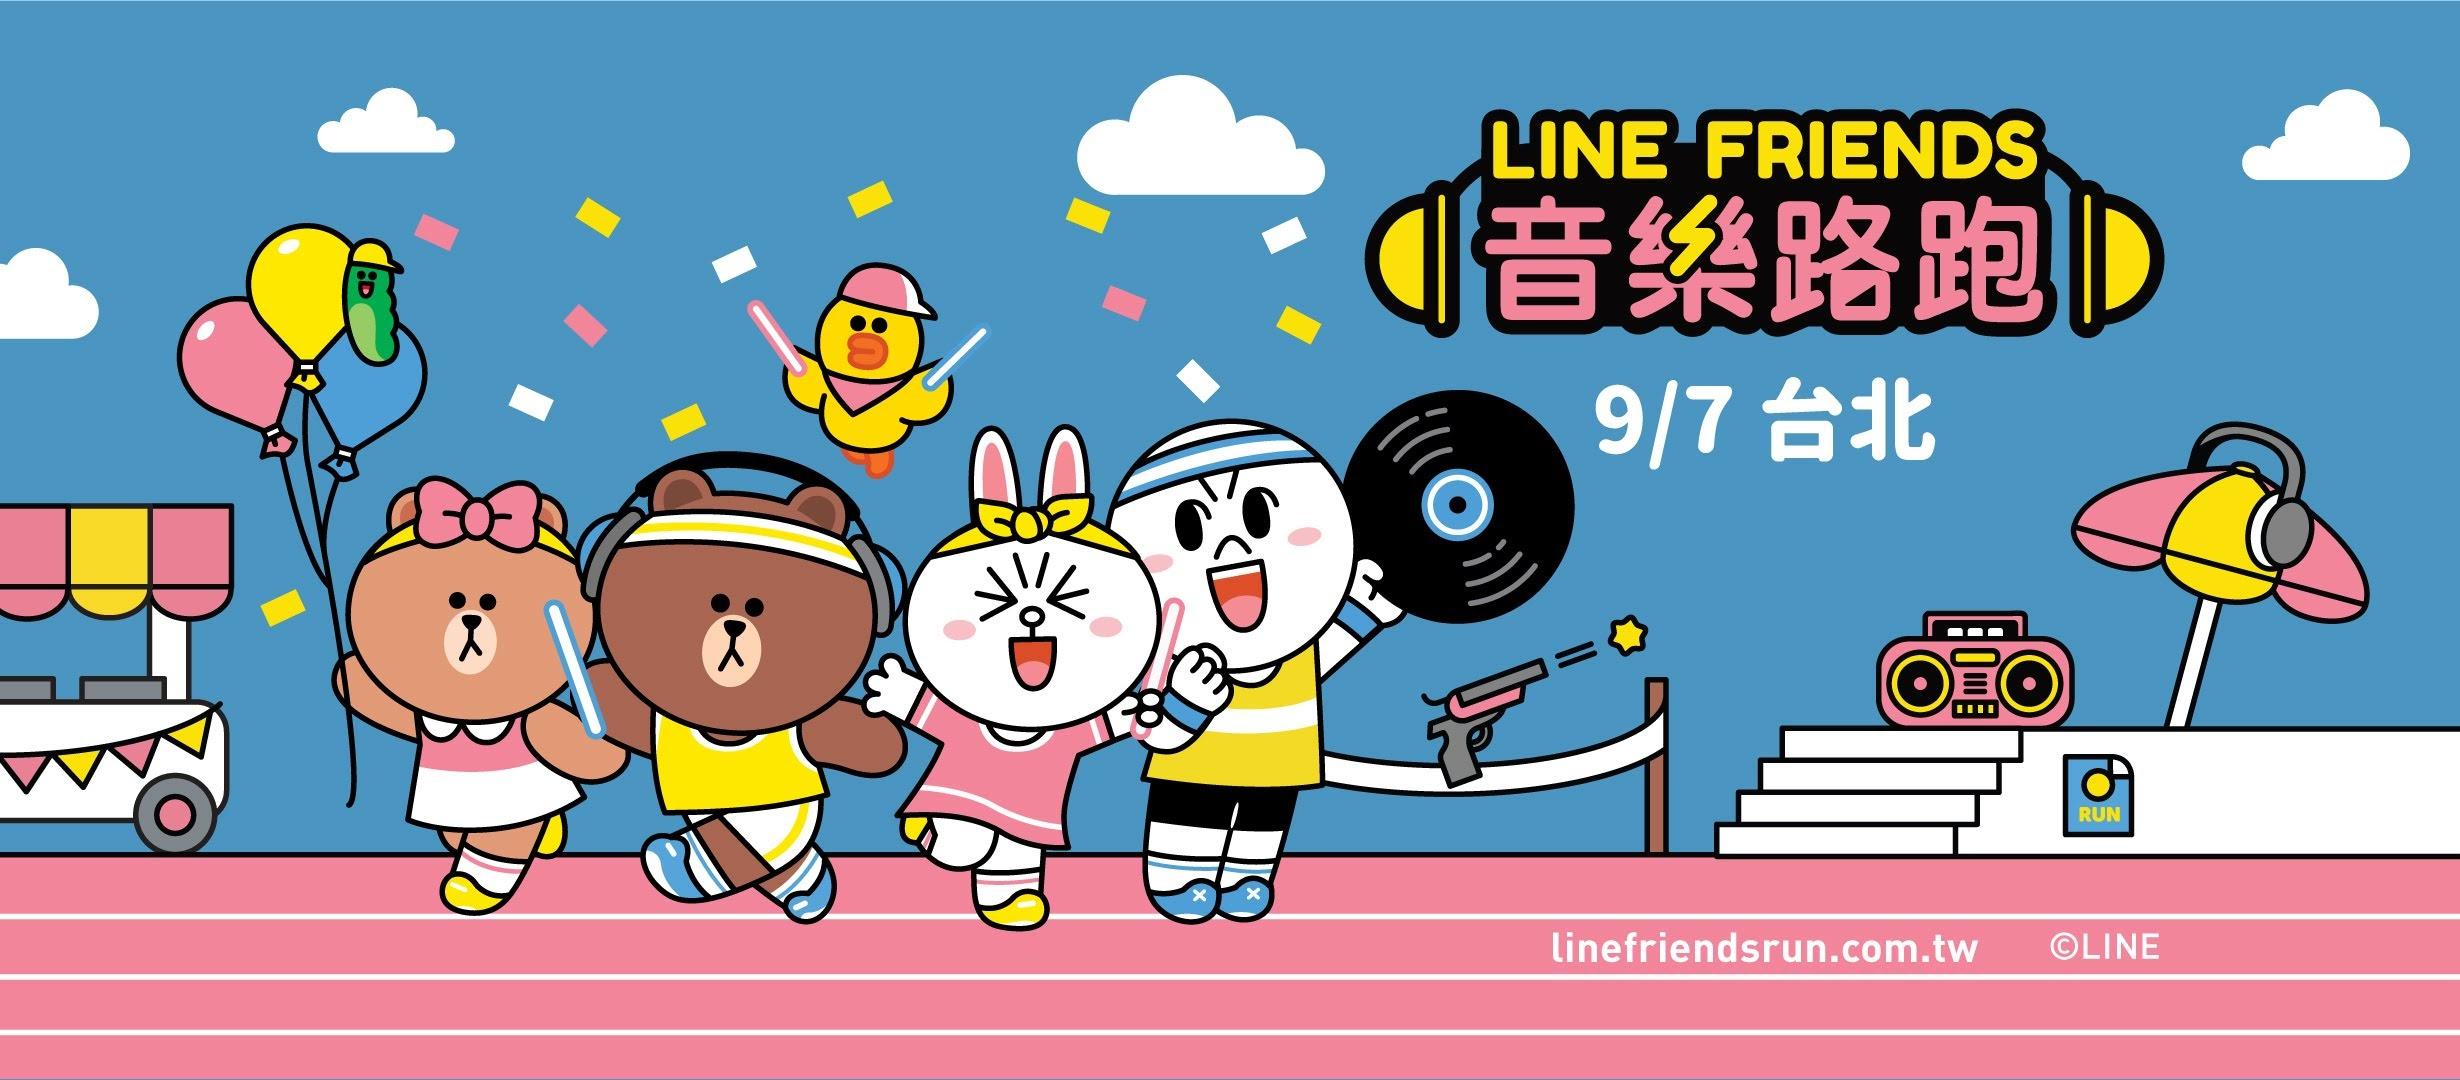 [迷迷音樂] 這個路跑有配樂!全球首屆「 LINE FRIENDS音樂路跑 」9月7日登陸台北 全台獨家路跑聯名商品 引發粉絲搶報!